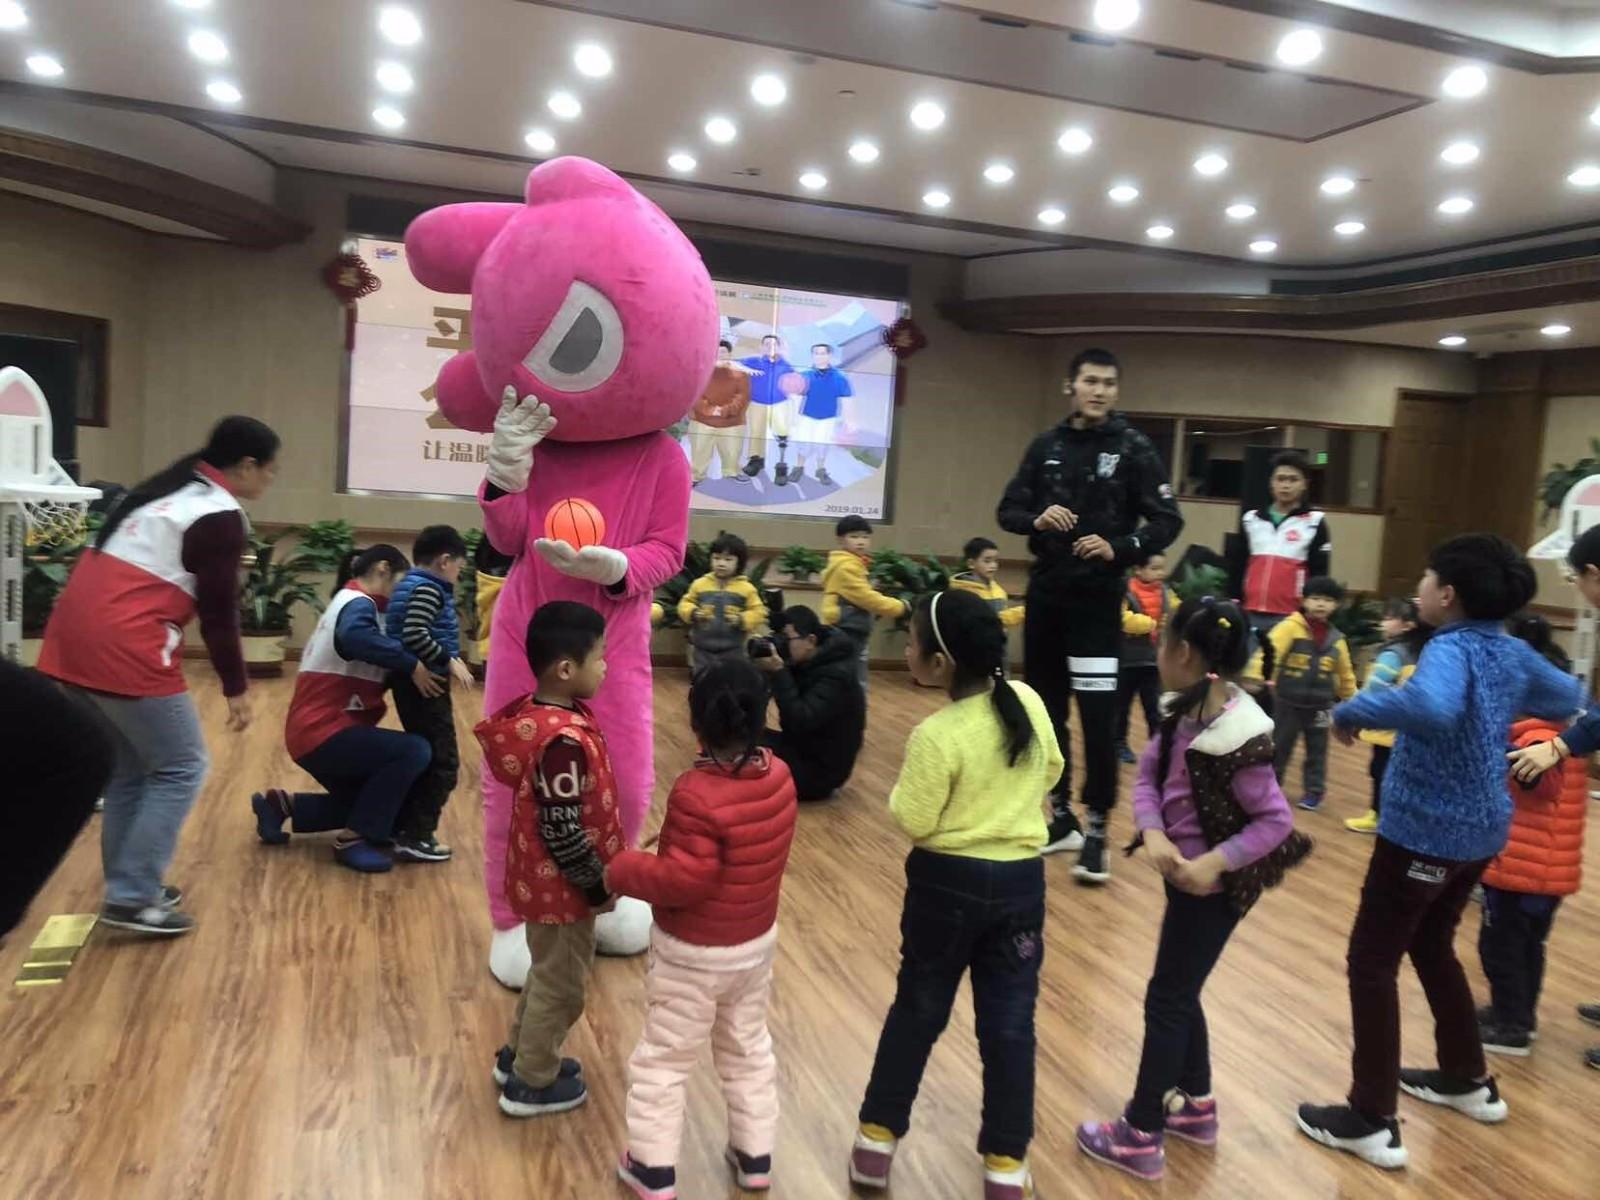 大麦体育联合CBA上海队举办慈善活动,出票即向中国残疾人福利金会基捐赠一元